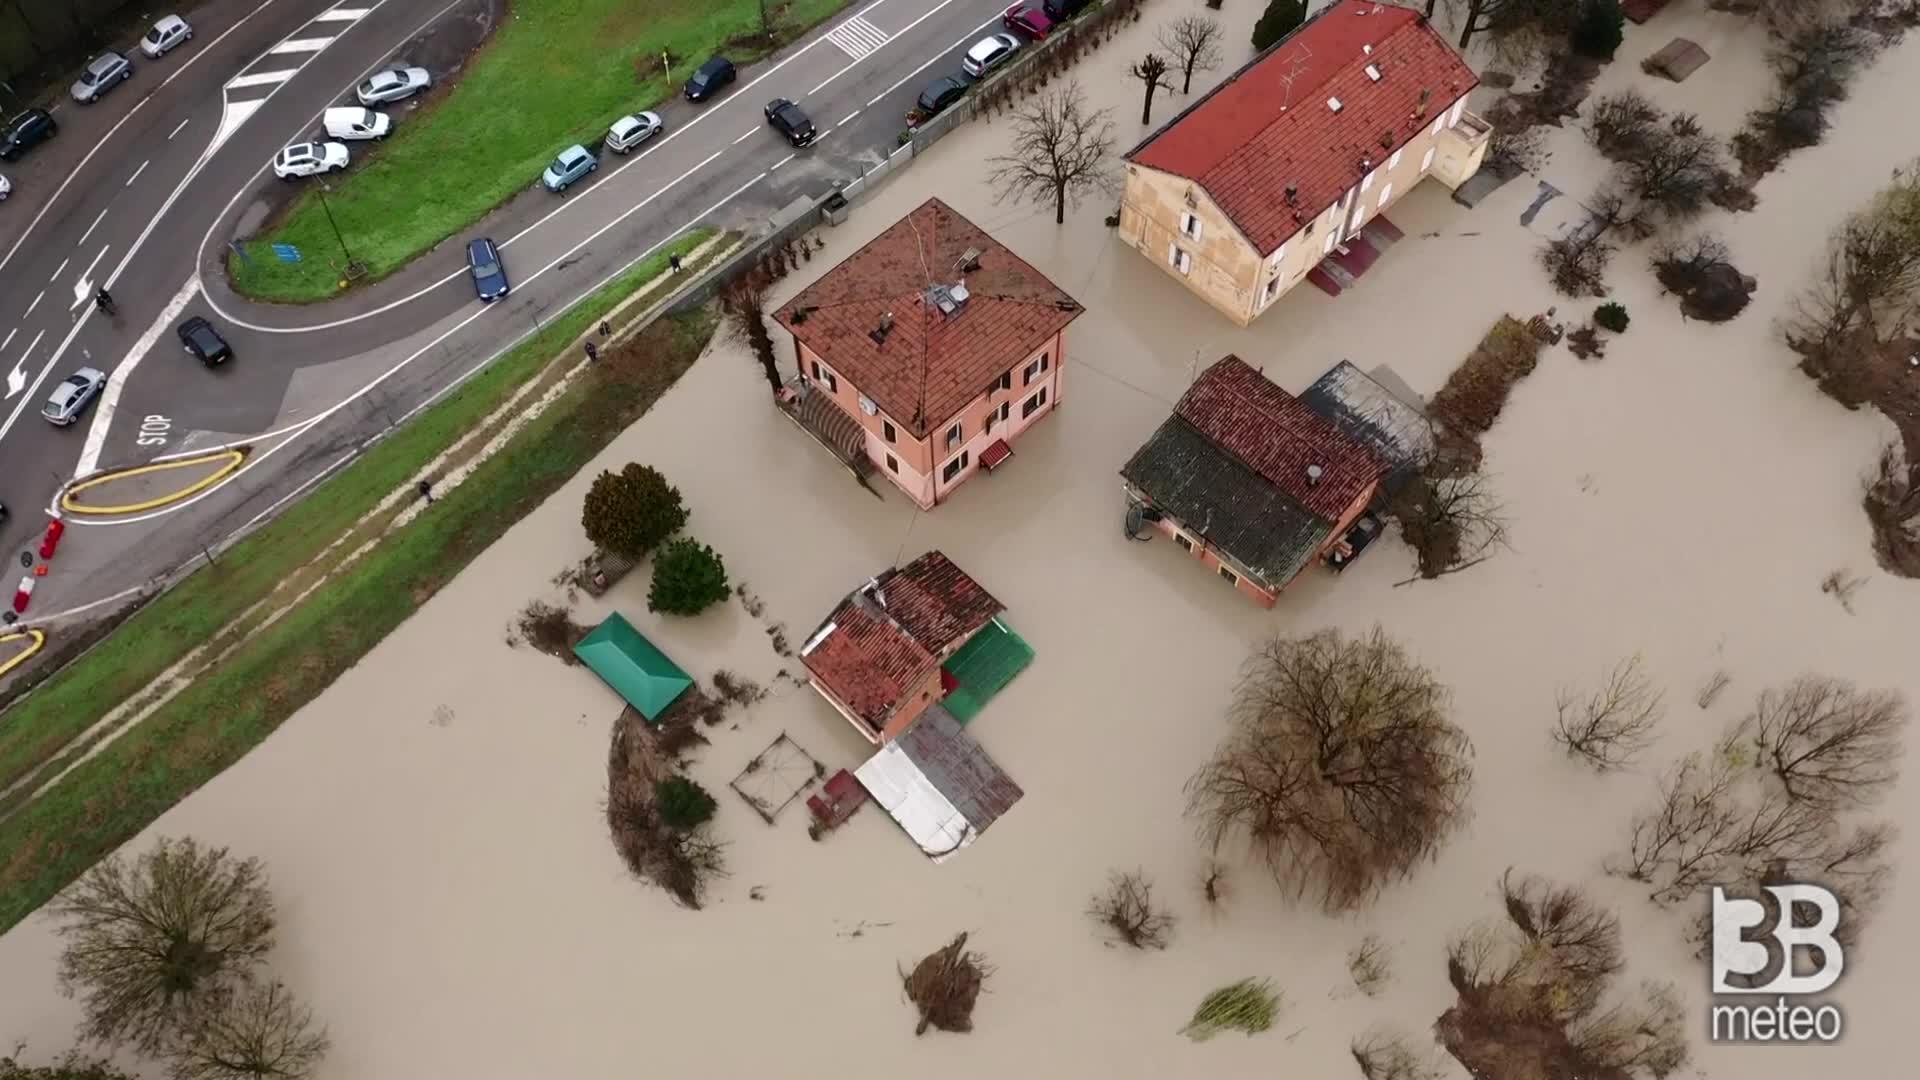 Vaste aree allagate nel modenese: le immagini dal drone